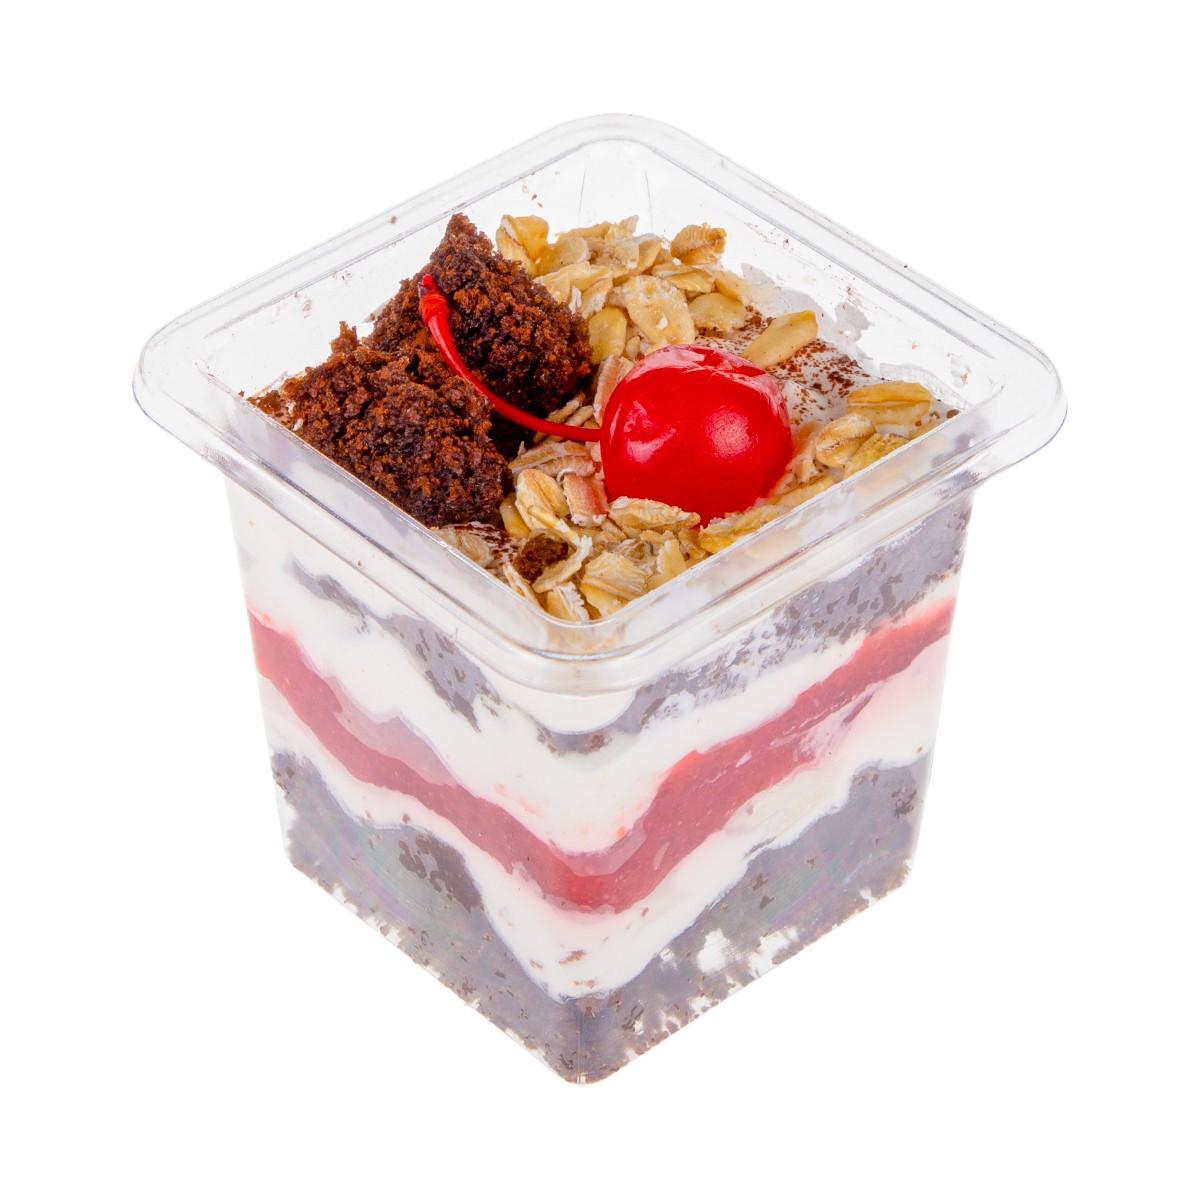 Трайфл Шоколадный с ягодами